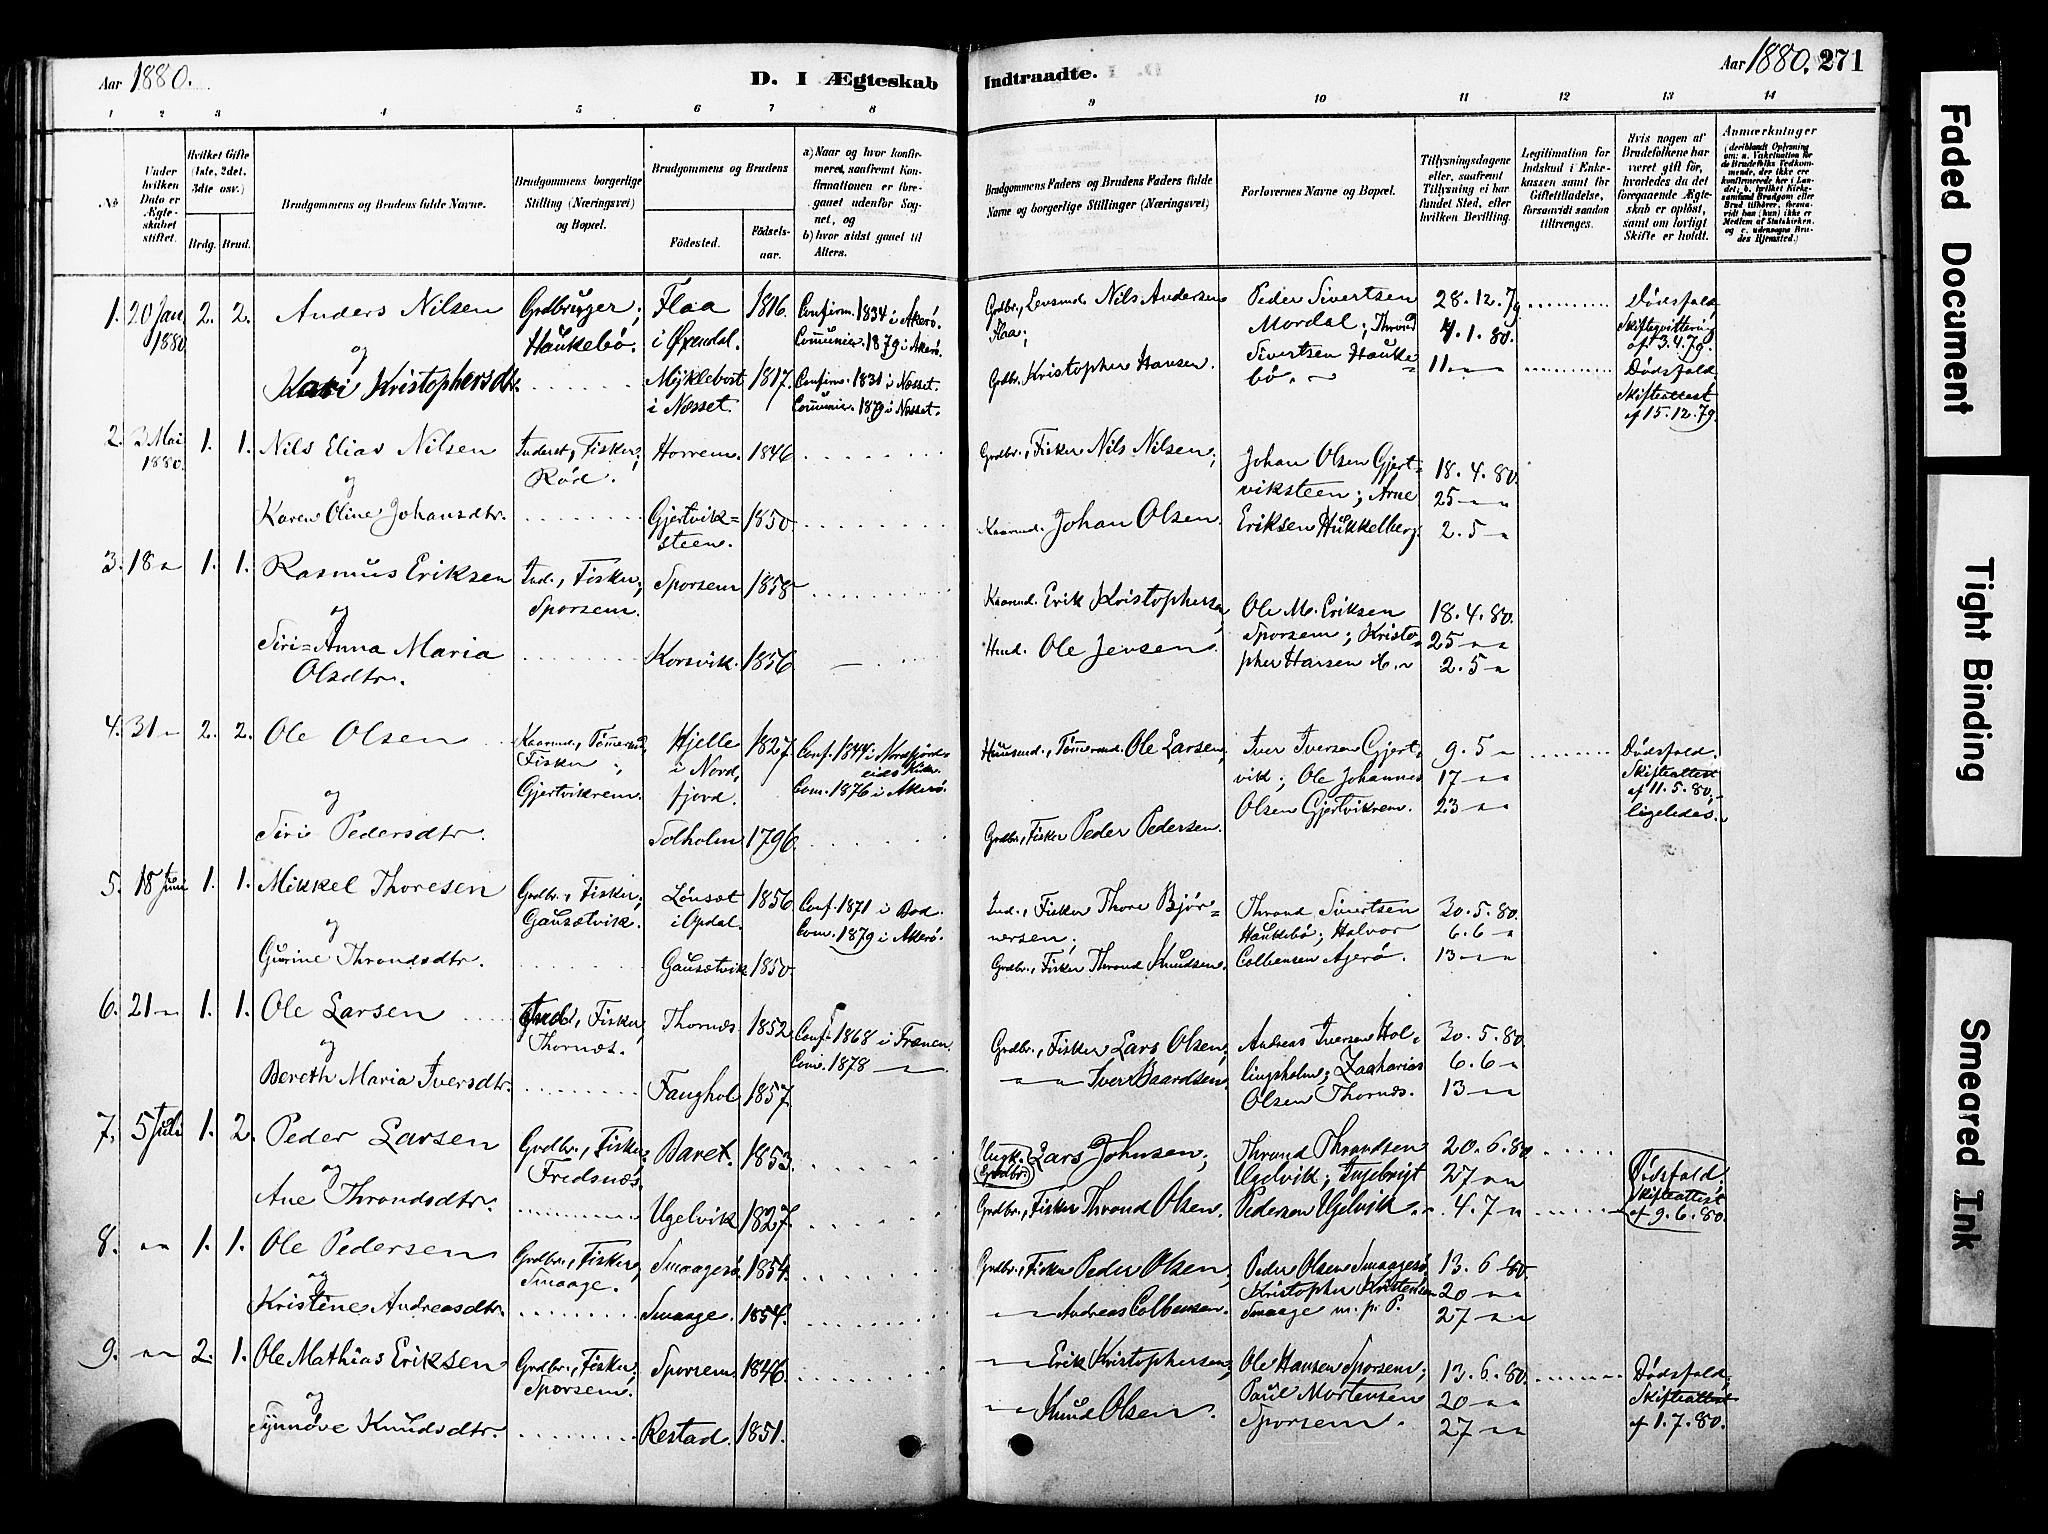 SAT, Ministerialprotokoller, klokkerbøker og fødselsregistre - Møre og Romsdal, 560/L0721: Ministerialbok nr. 560A05, 1878-1917, s. 271